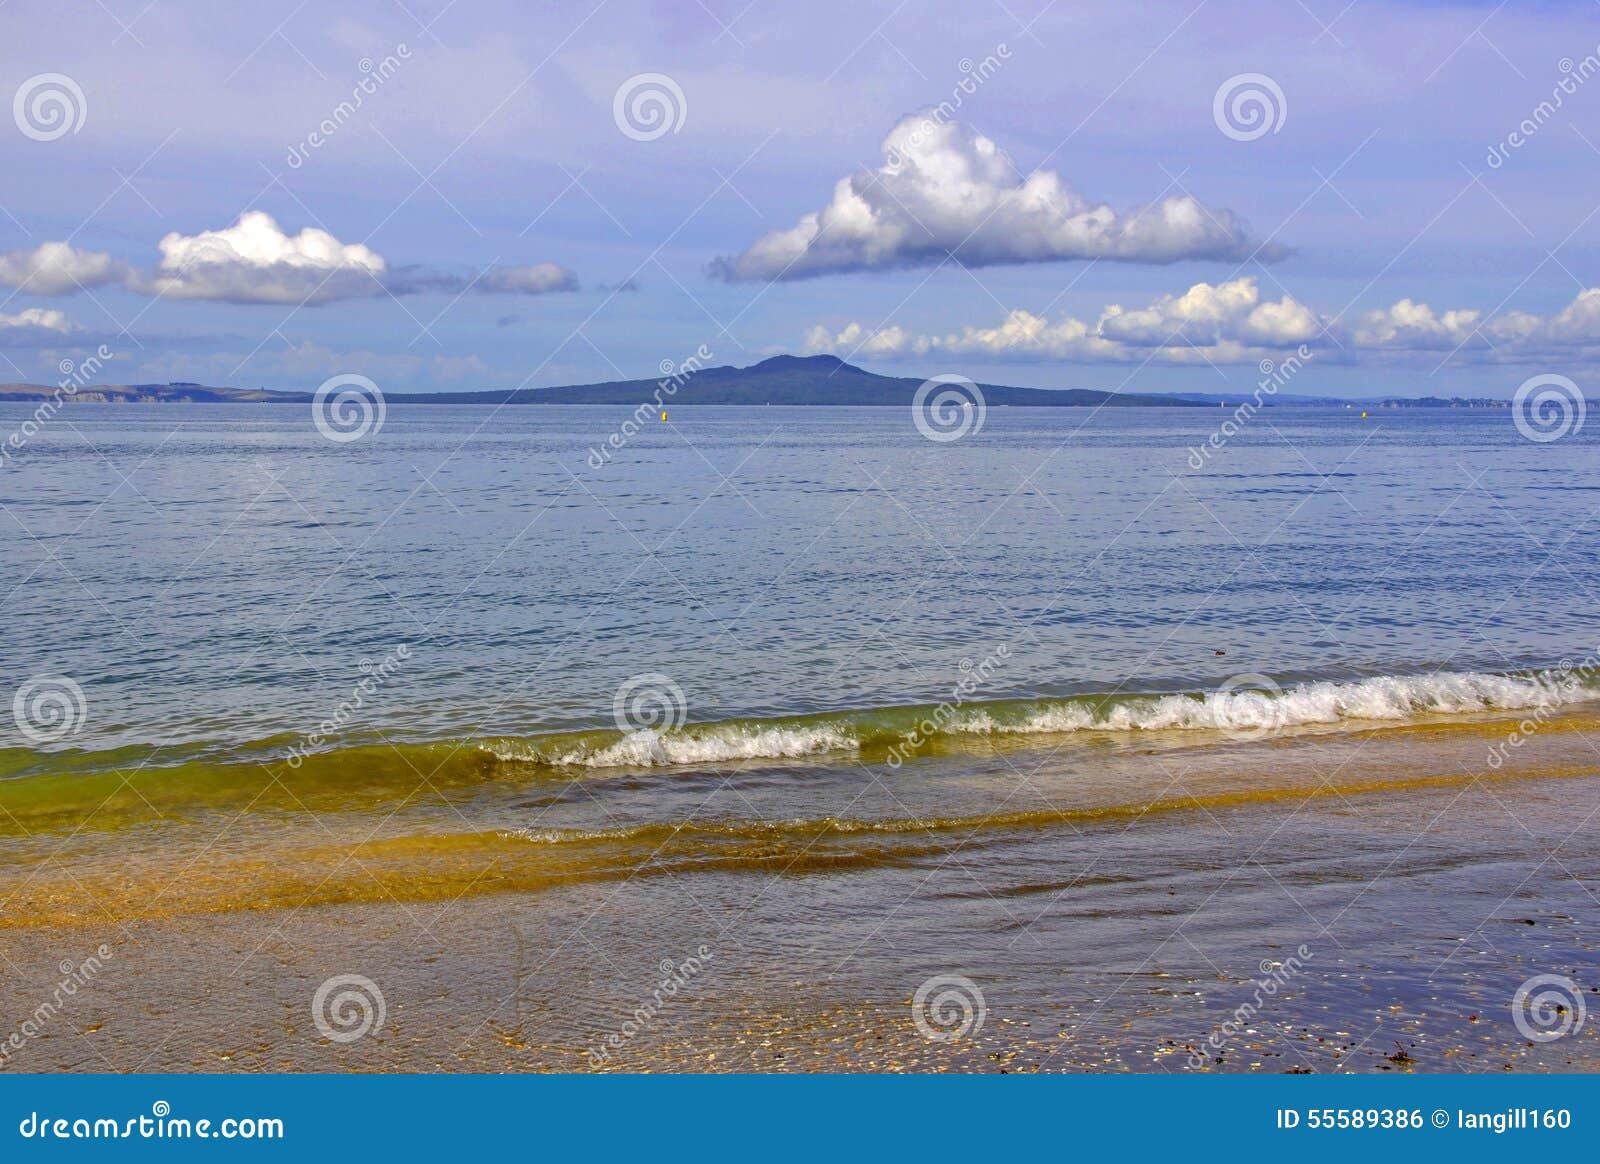 RANGITOTO, Golfe de Hauraki, île du nord, Nouvelle-Zélande